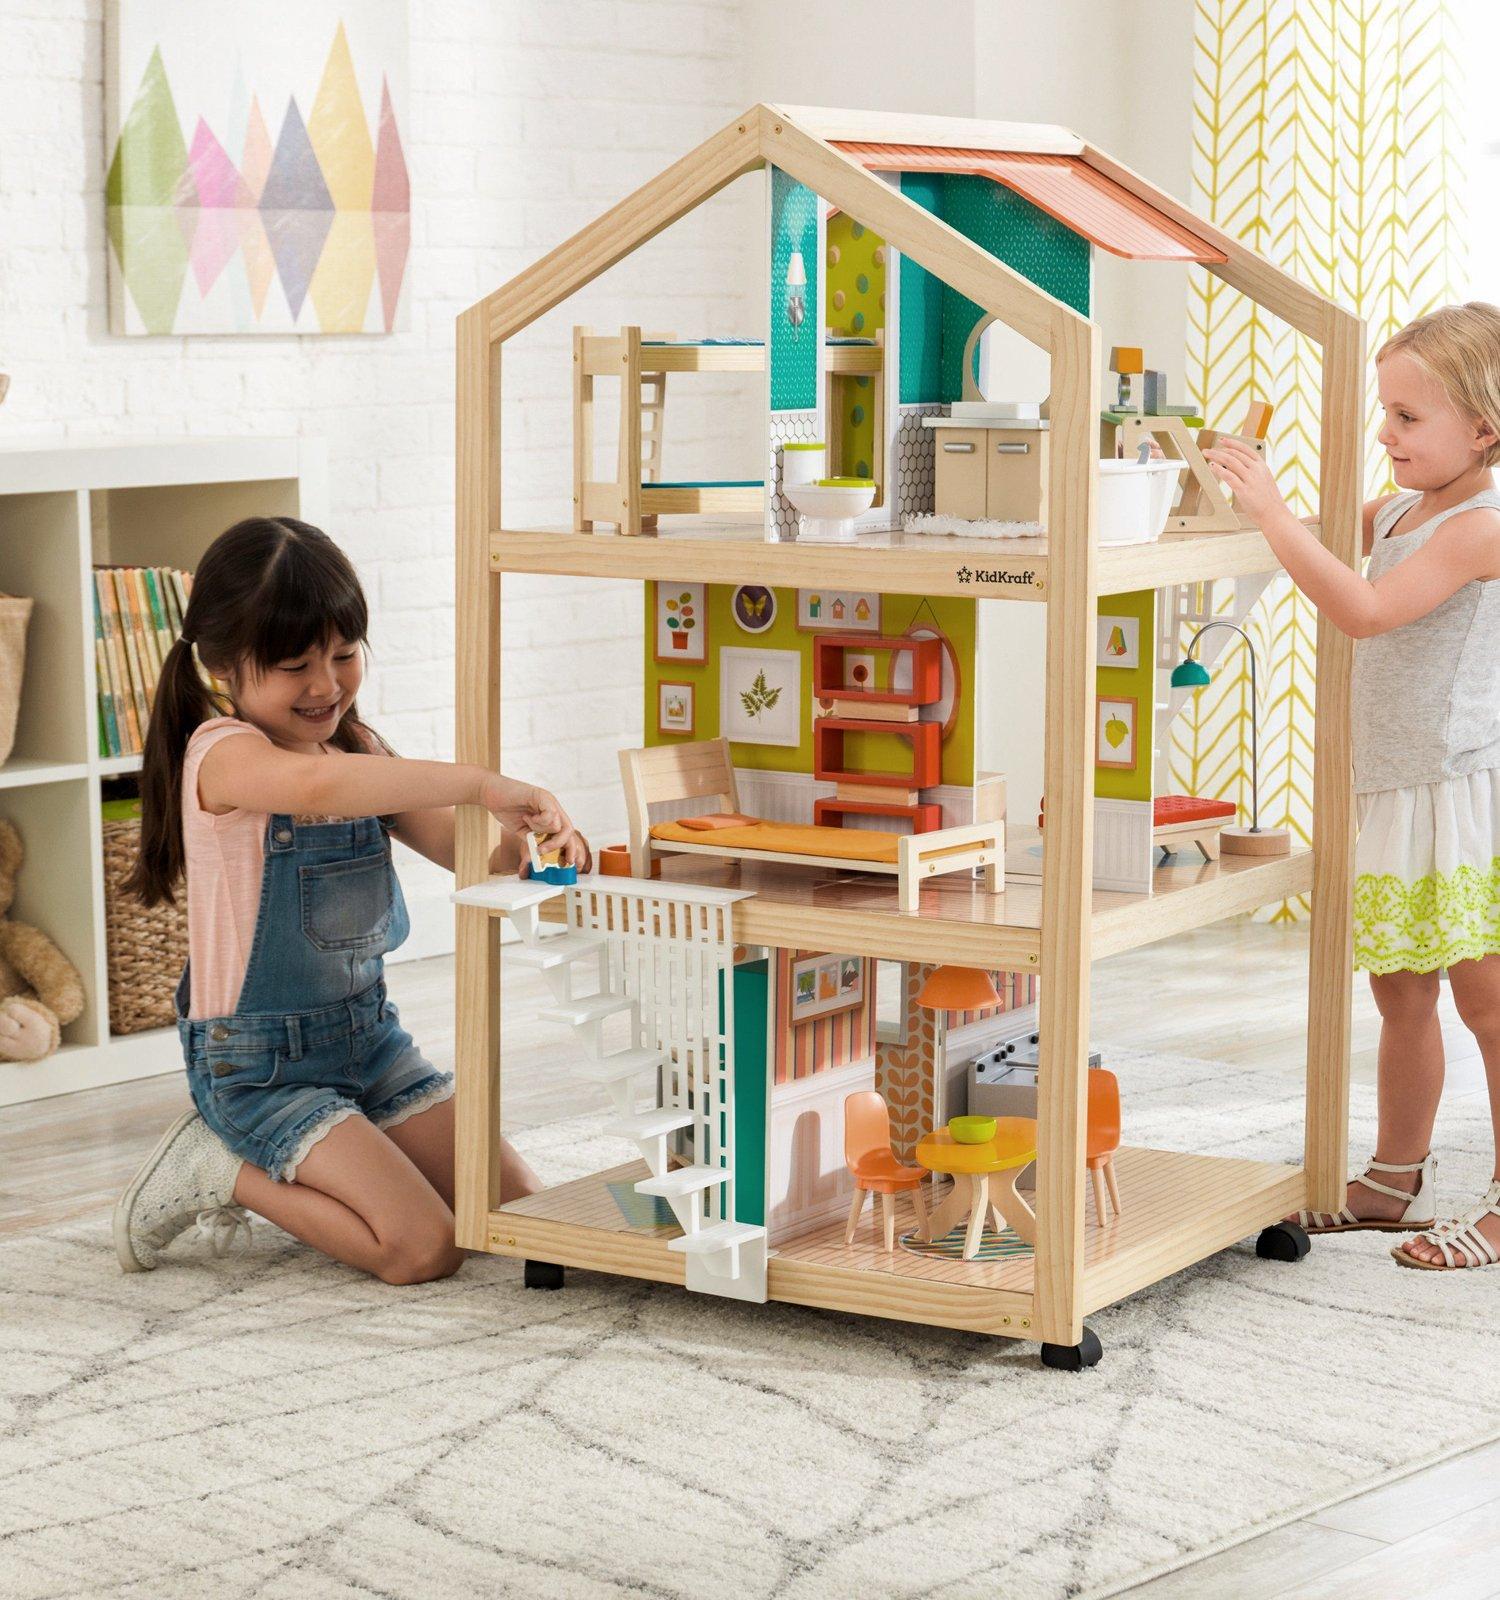 kidkraft playhouse